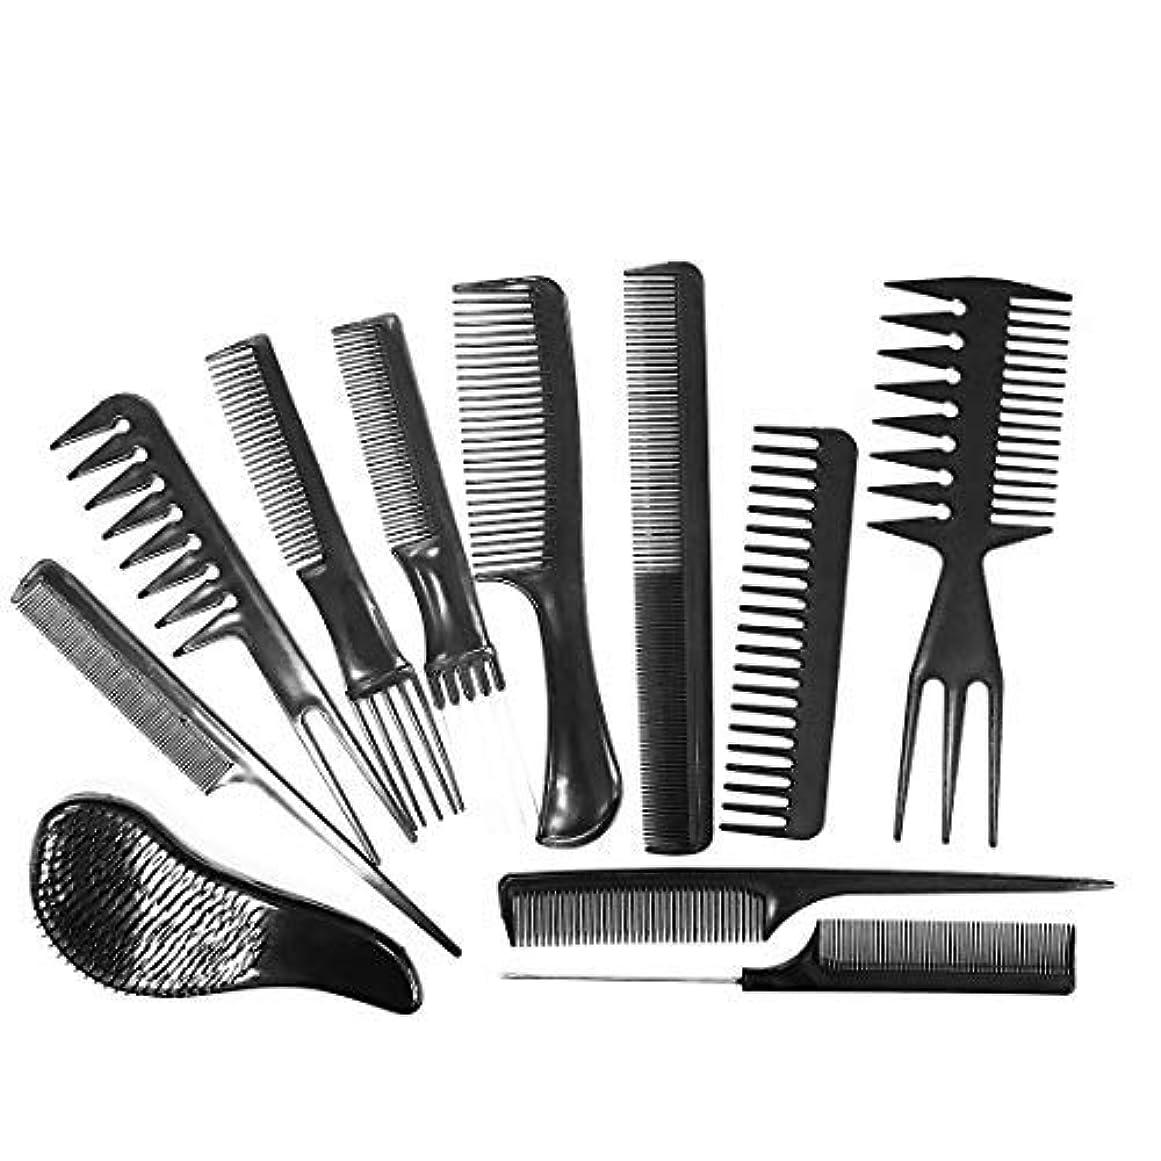 帳面織機商人Daimay Professional Hair Styling Comb Set Hair Styling Clips Salon Hair Styling Barbers Comb Set Variety Pack of 11 for All Hair Types - Black [並行輸入品]